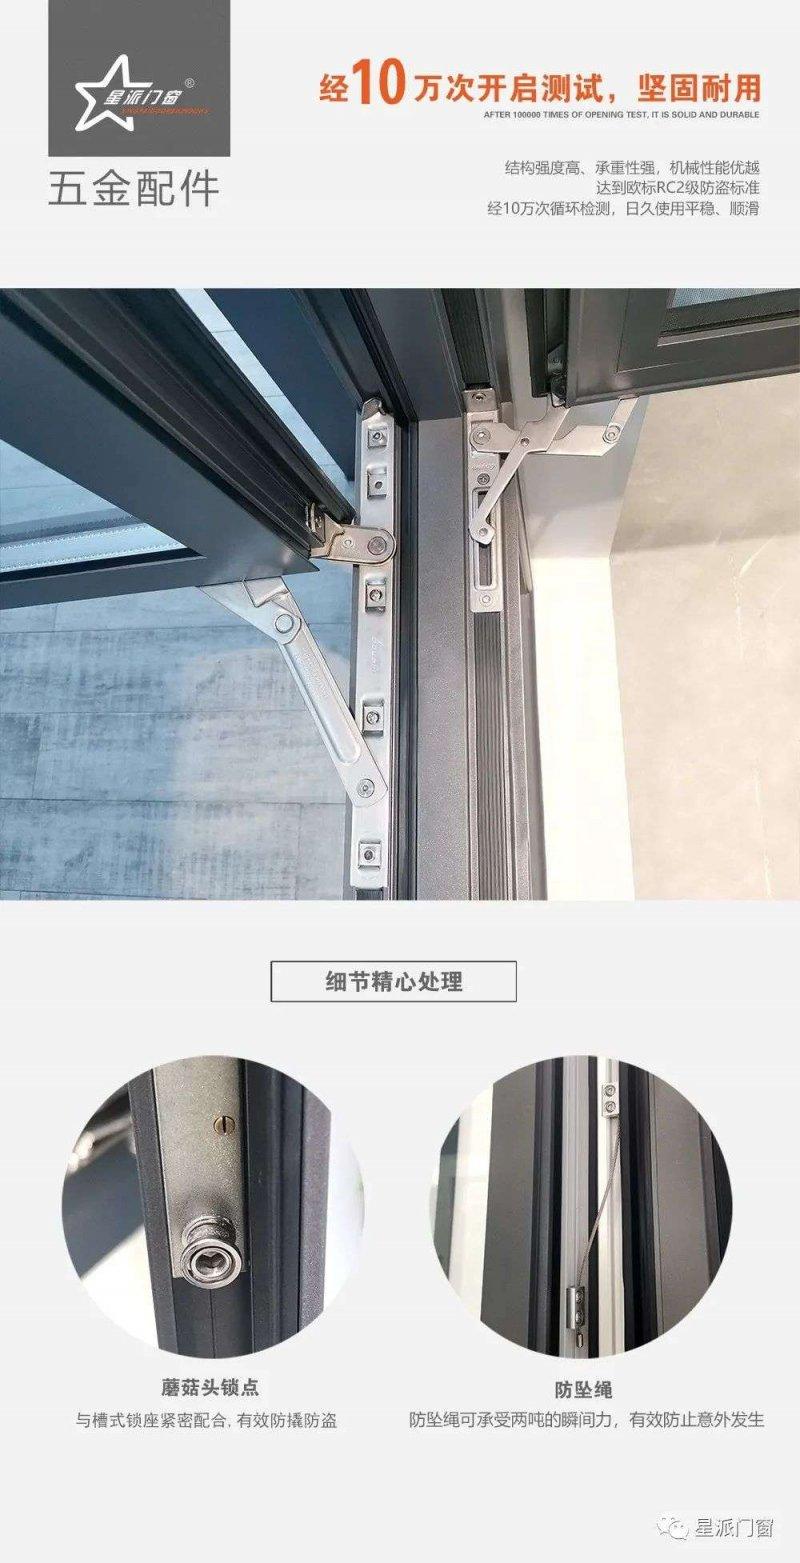 星派星辉109系列断桥平开窗 满足用户个性化需求